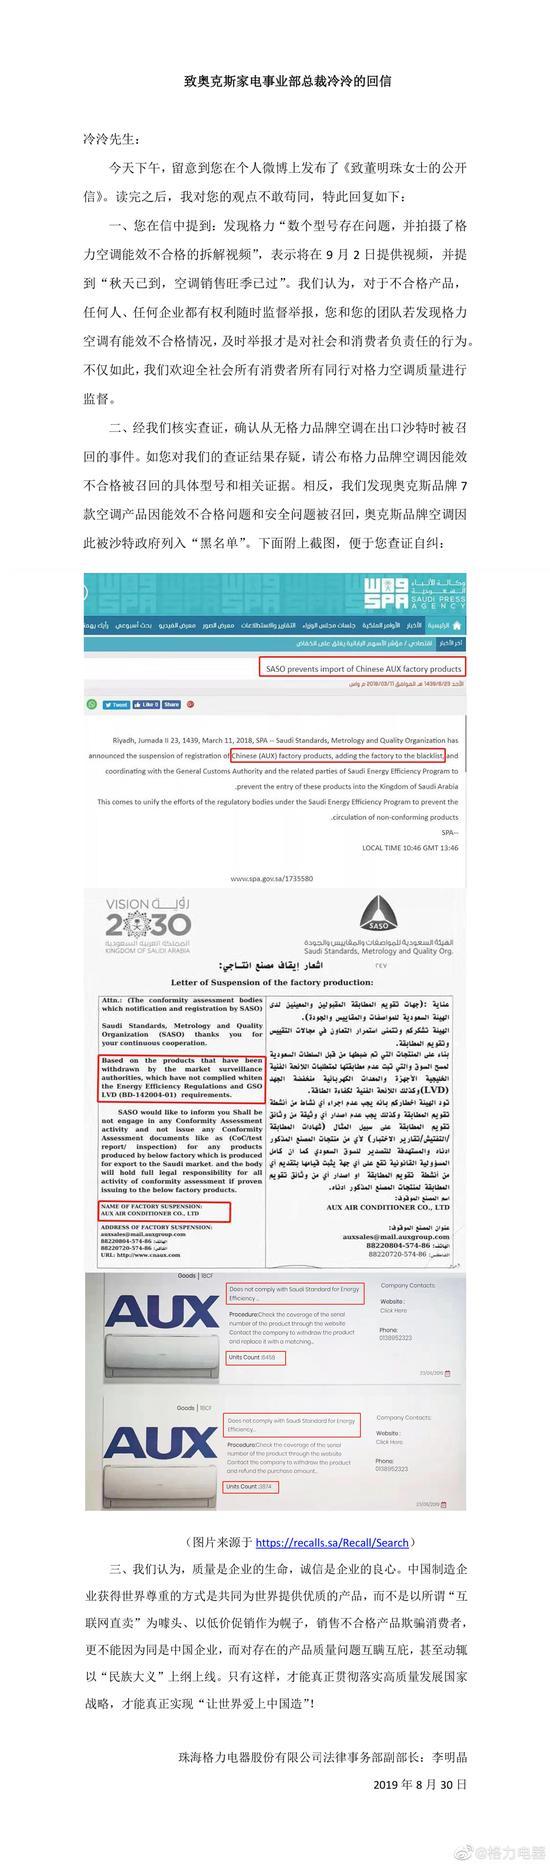 """格力回信奥克斯冷泠:你家空调被沙特列入""""黑名单""""了_网上赚钱揭秘"""